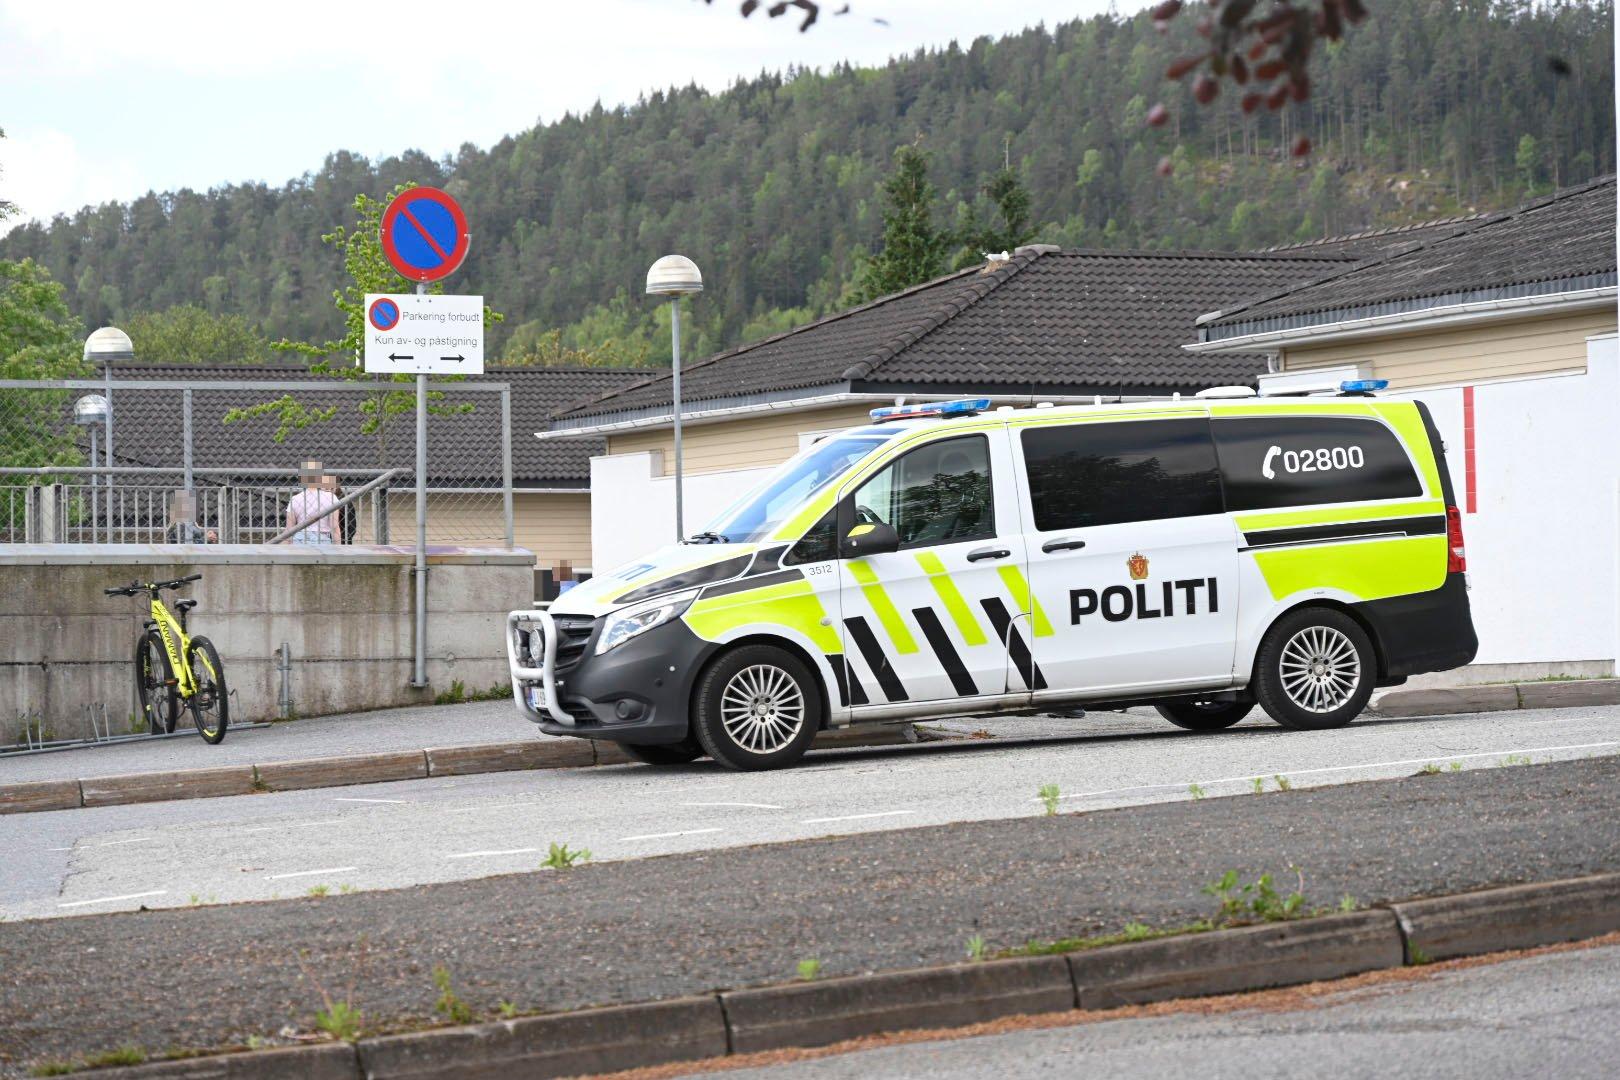 (+) Mann skal ha blottet seg for skoleklasse - politiet leter